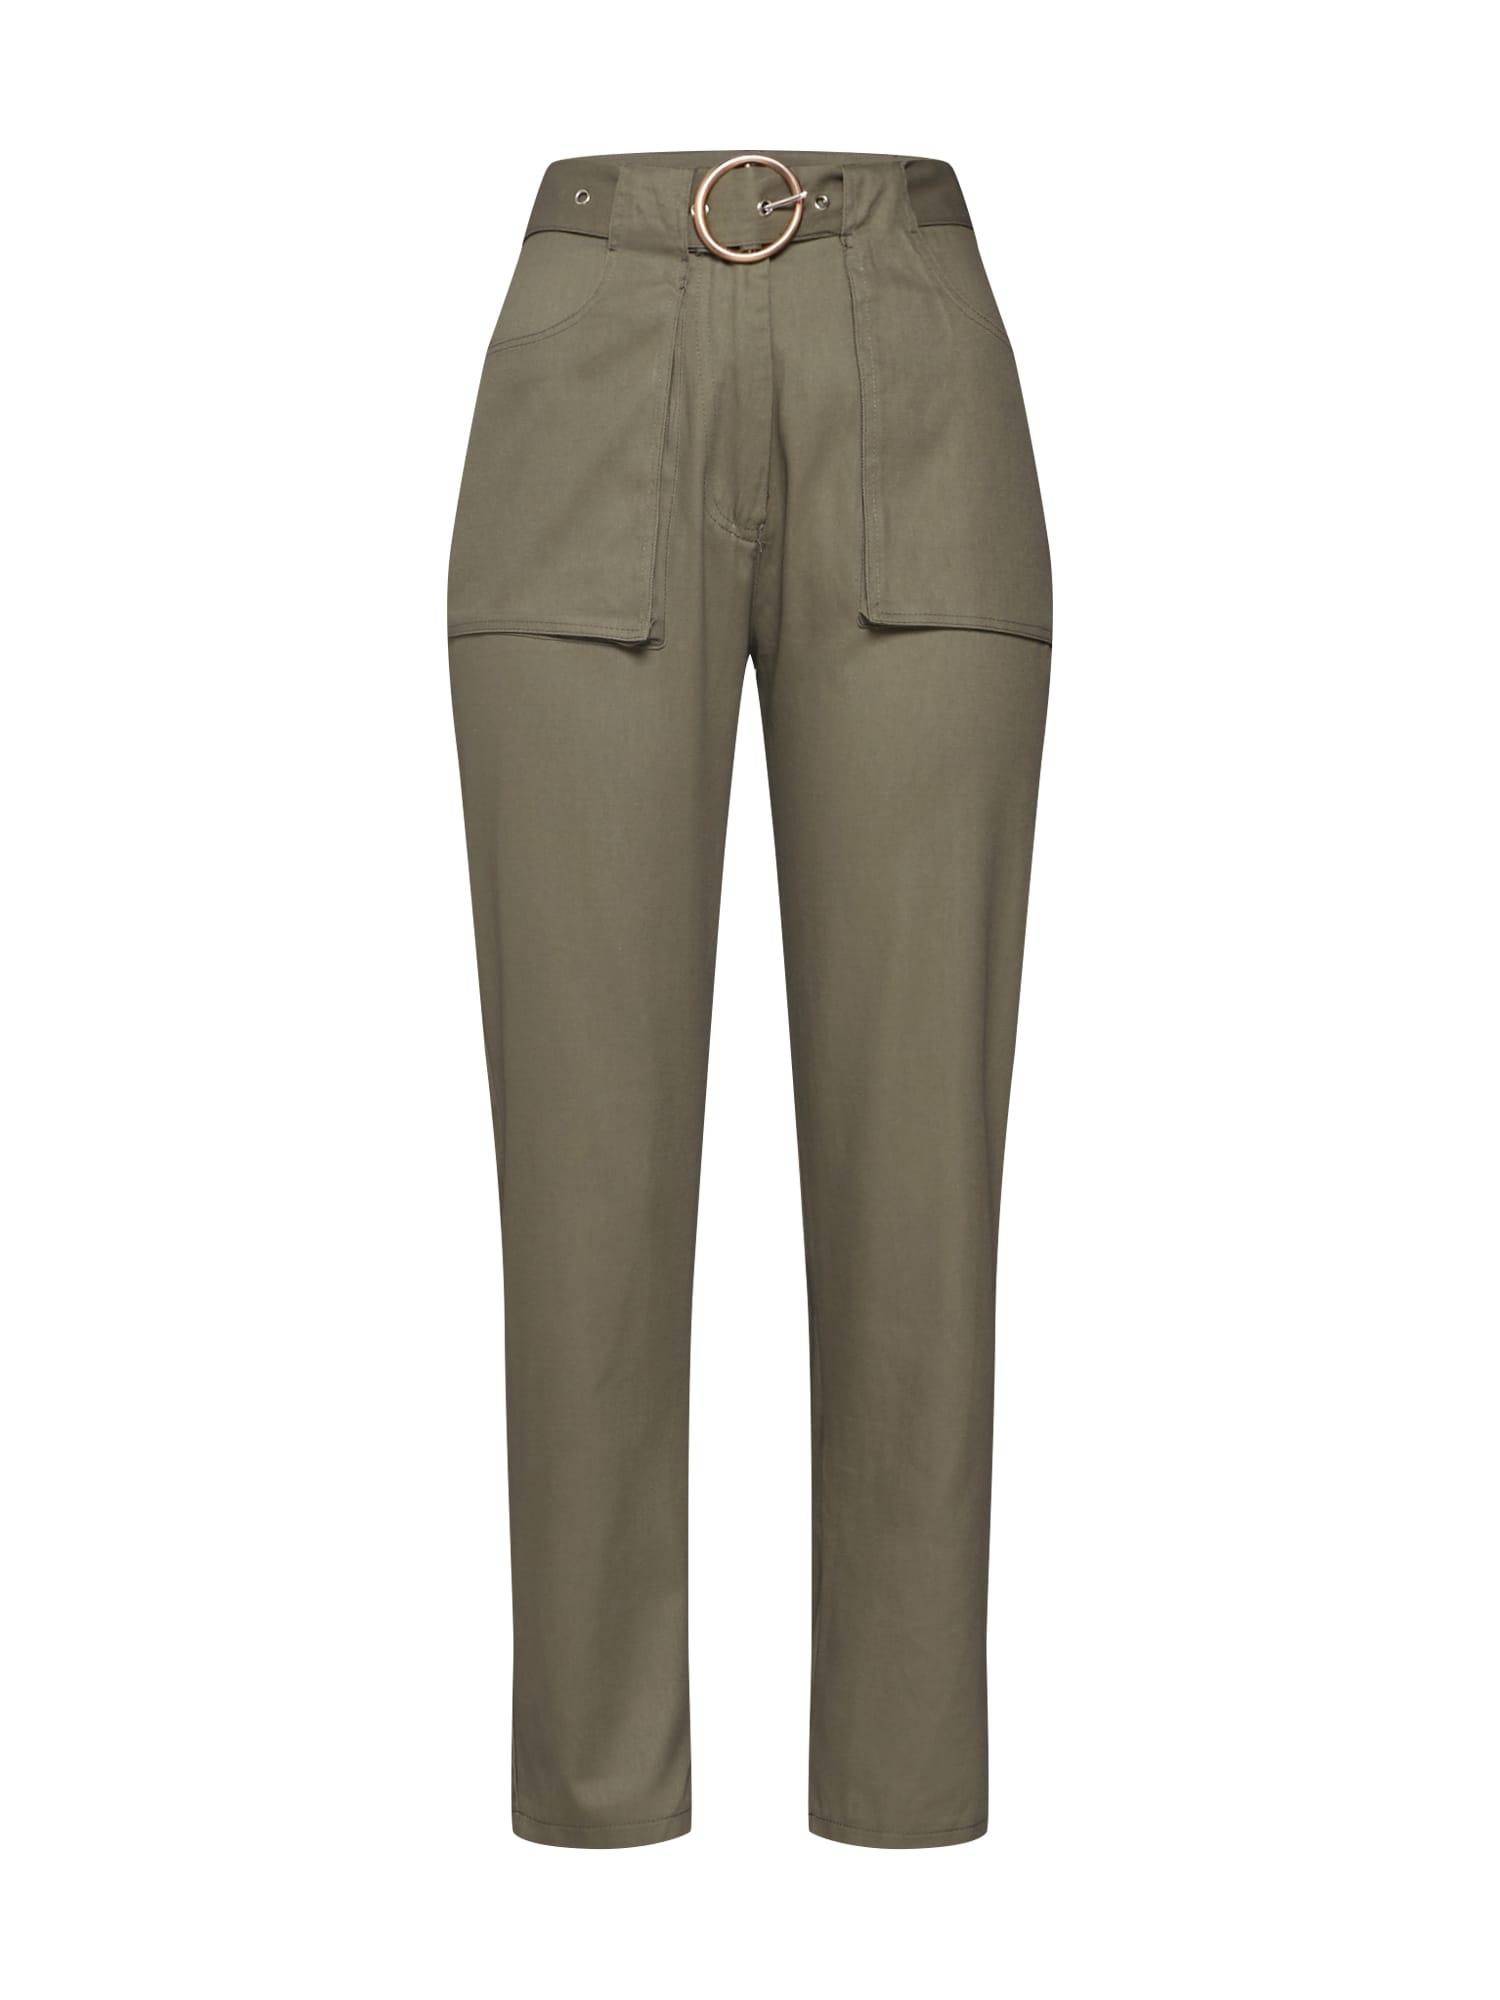 Chino kalhoty POCKET CIRCLE BELT CIGARETTE khaki Missguided